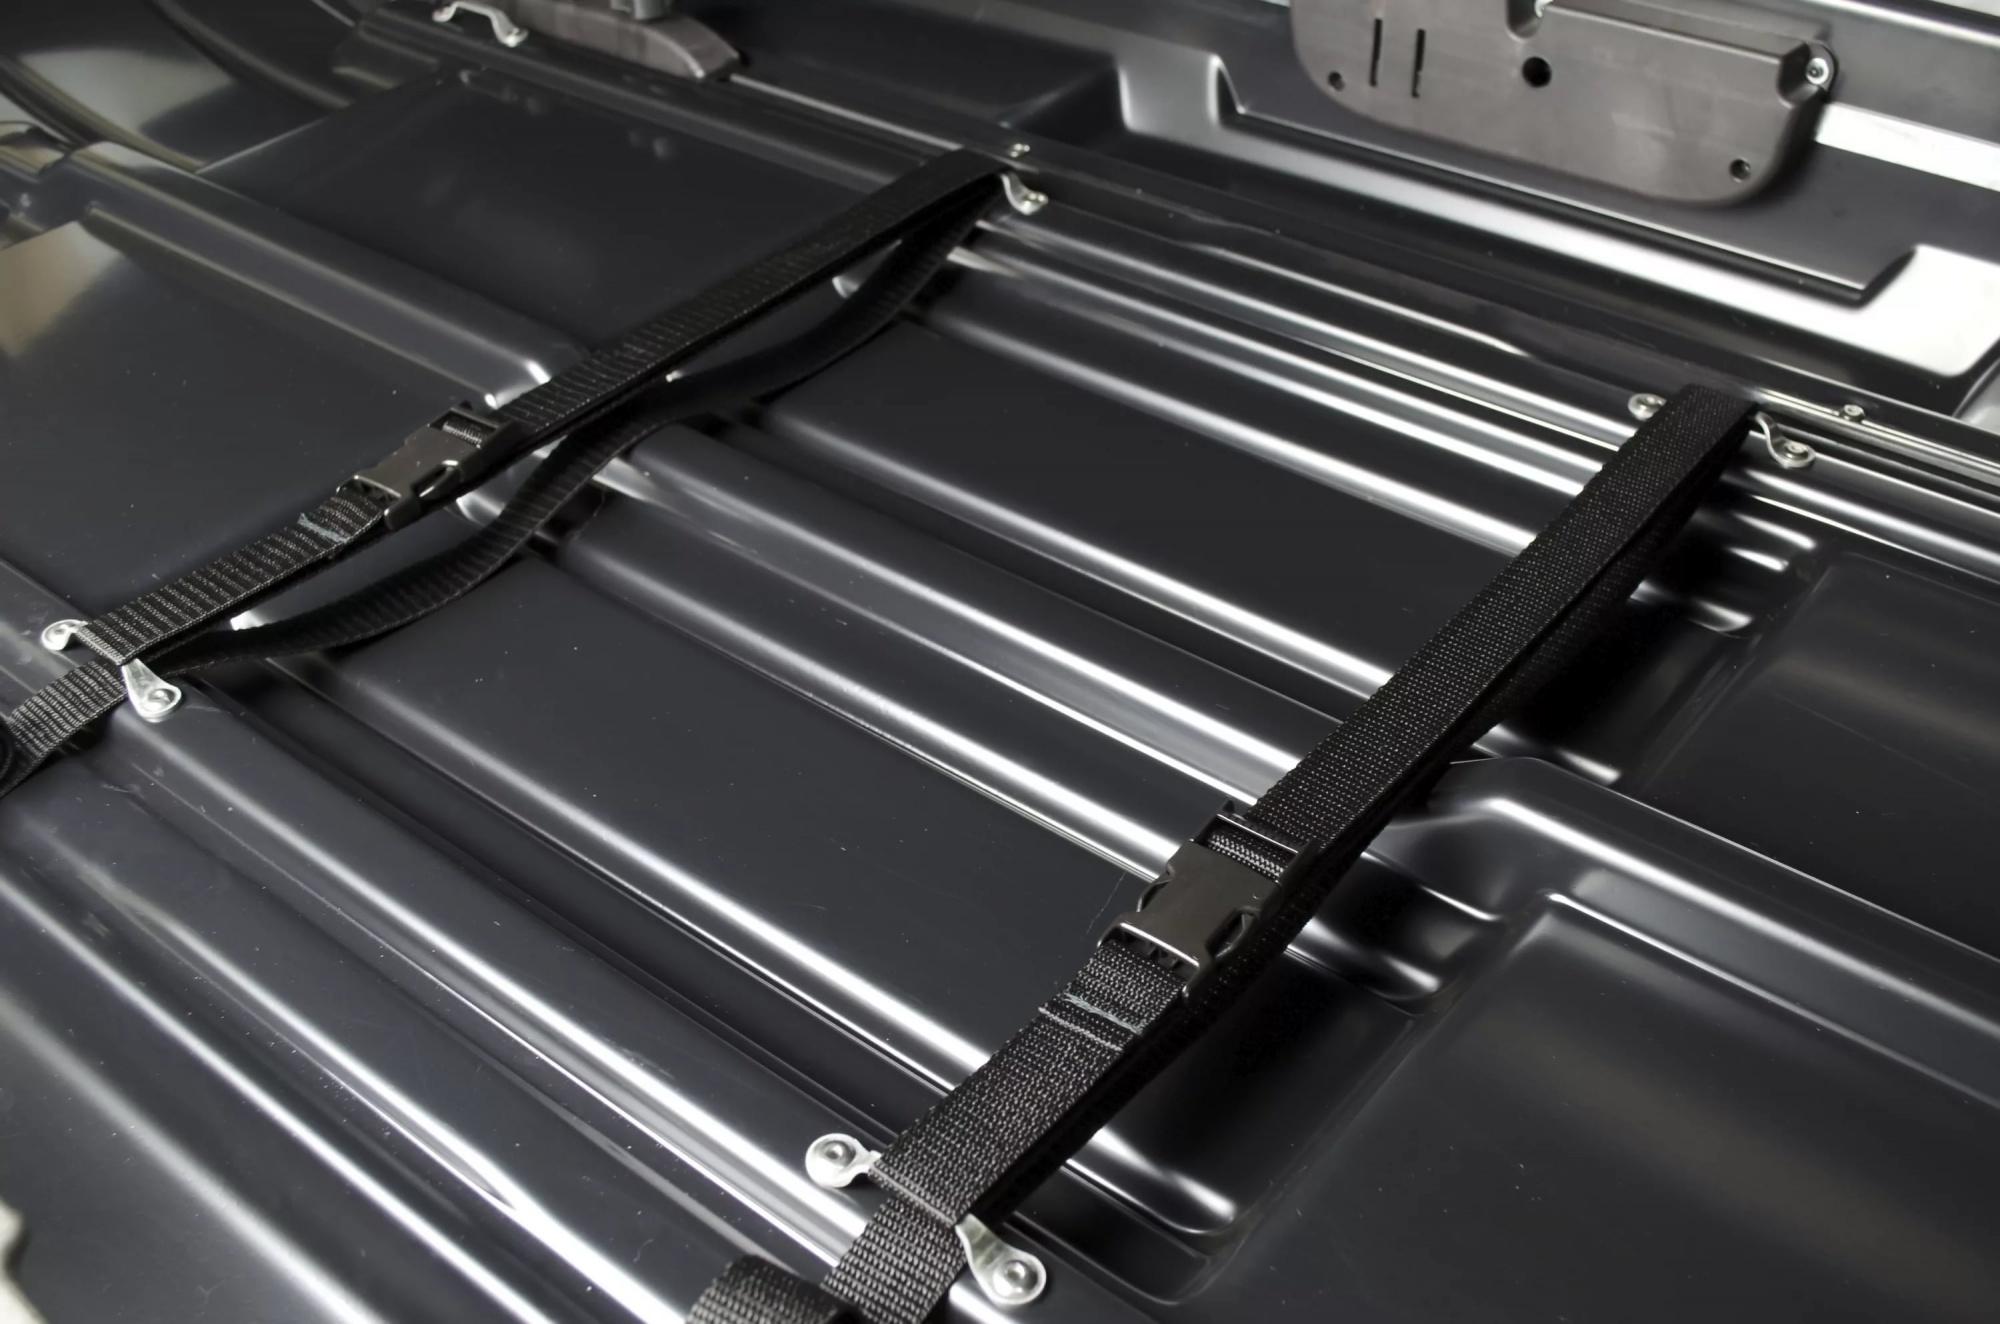 Автобокс Broomer Venture (L) Чёрный матовый с усилителем 430 литров (1870x890x400) - 146.02